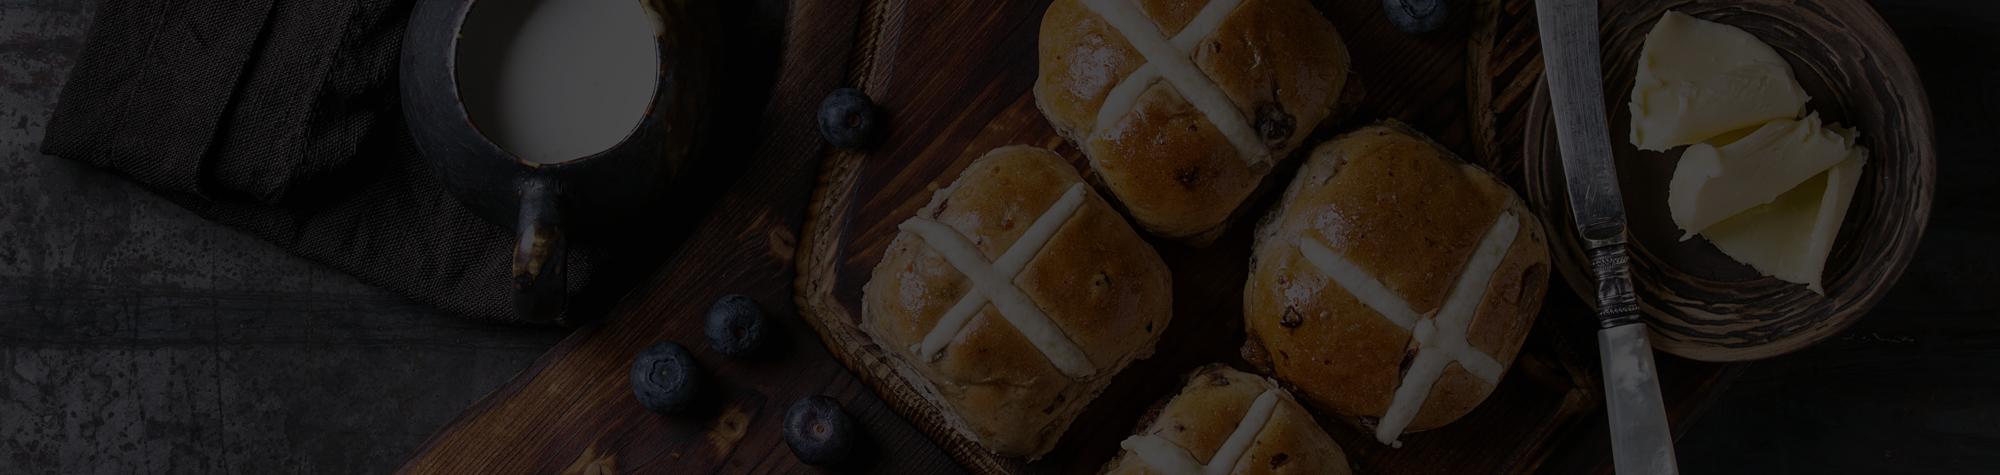 Hot Cross Buns: una dolcezza tutta inglese.